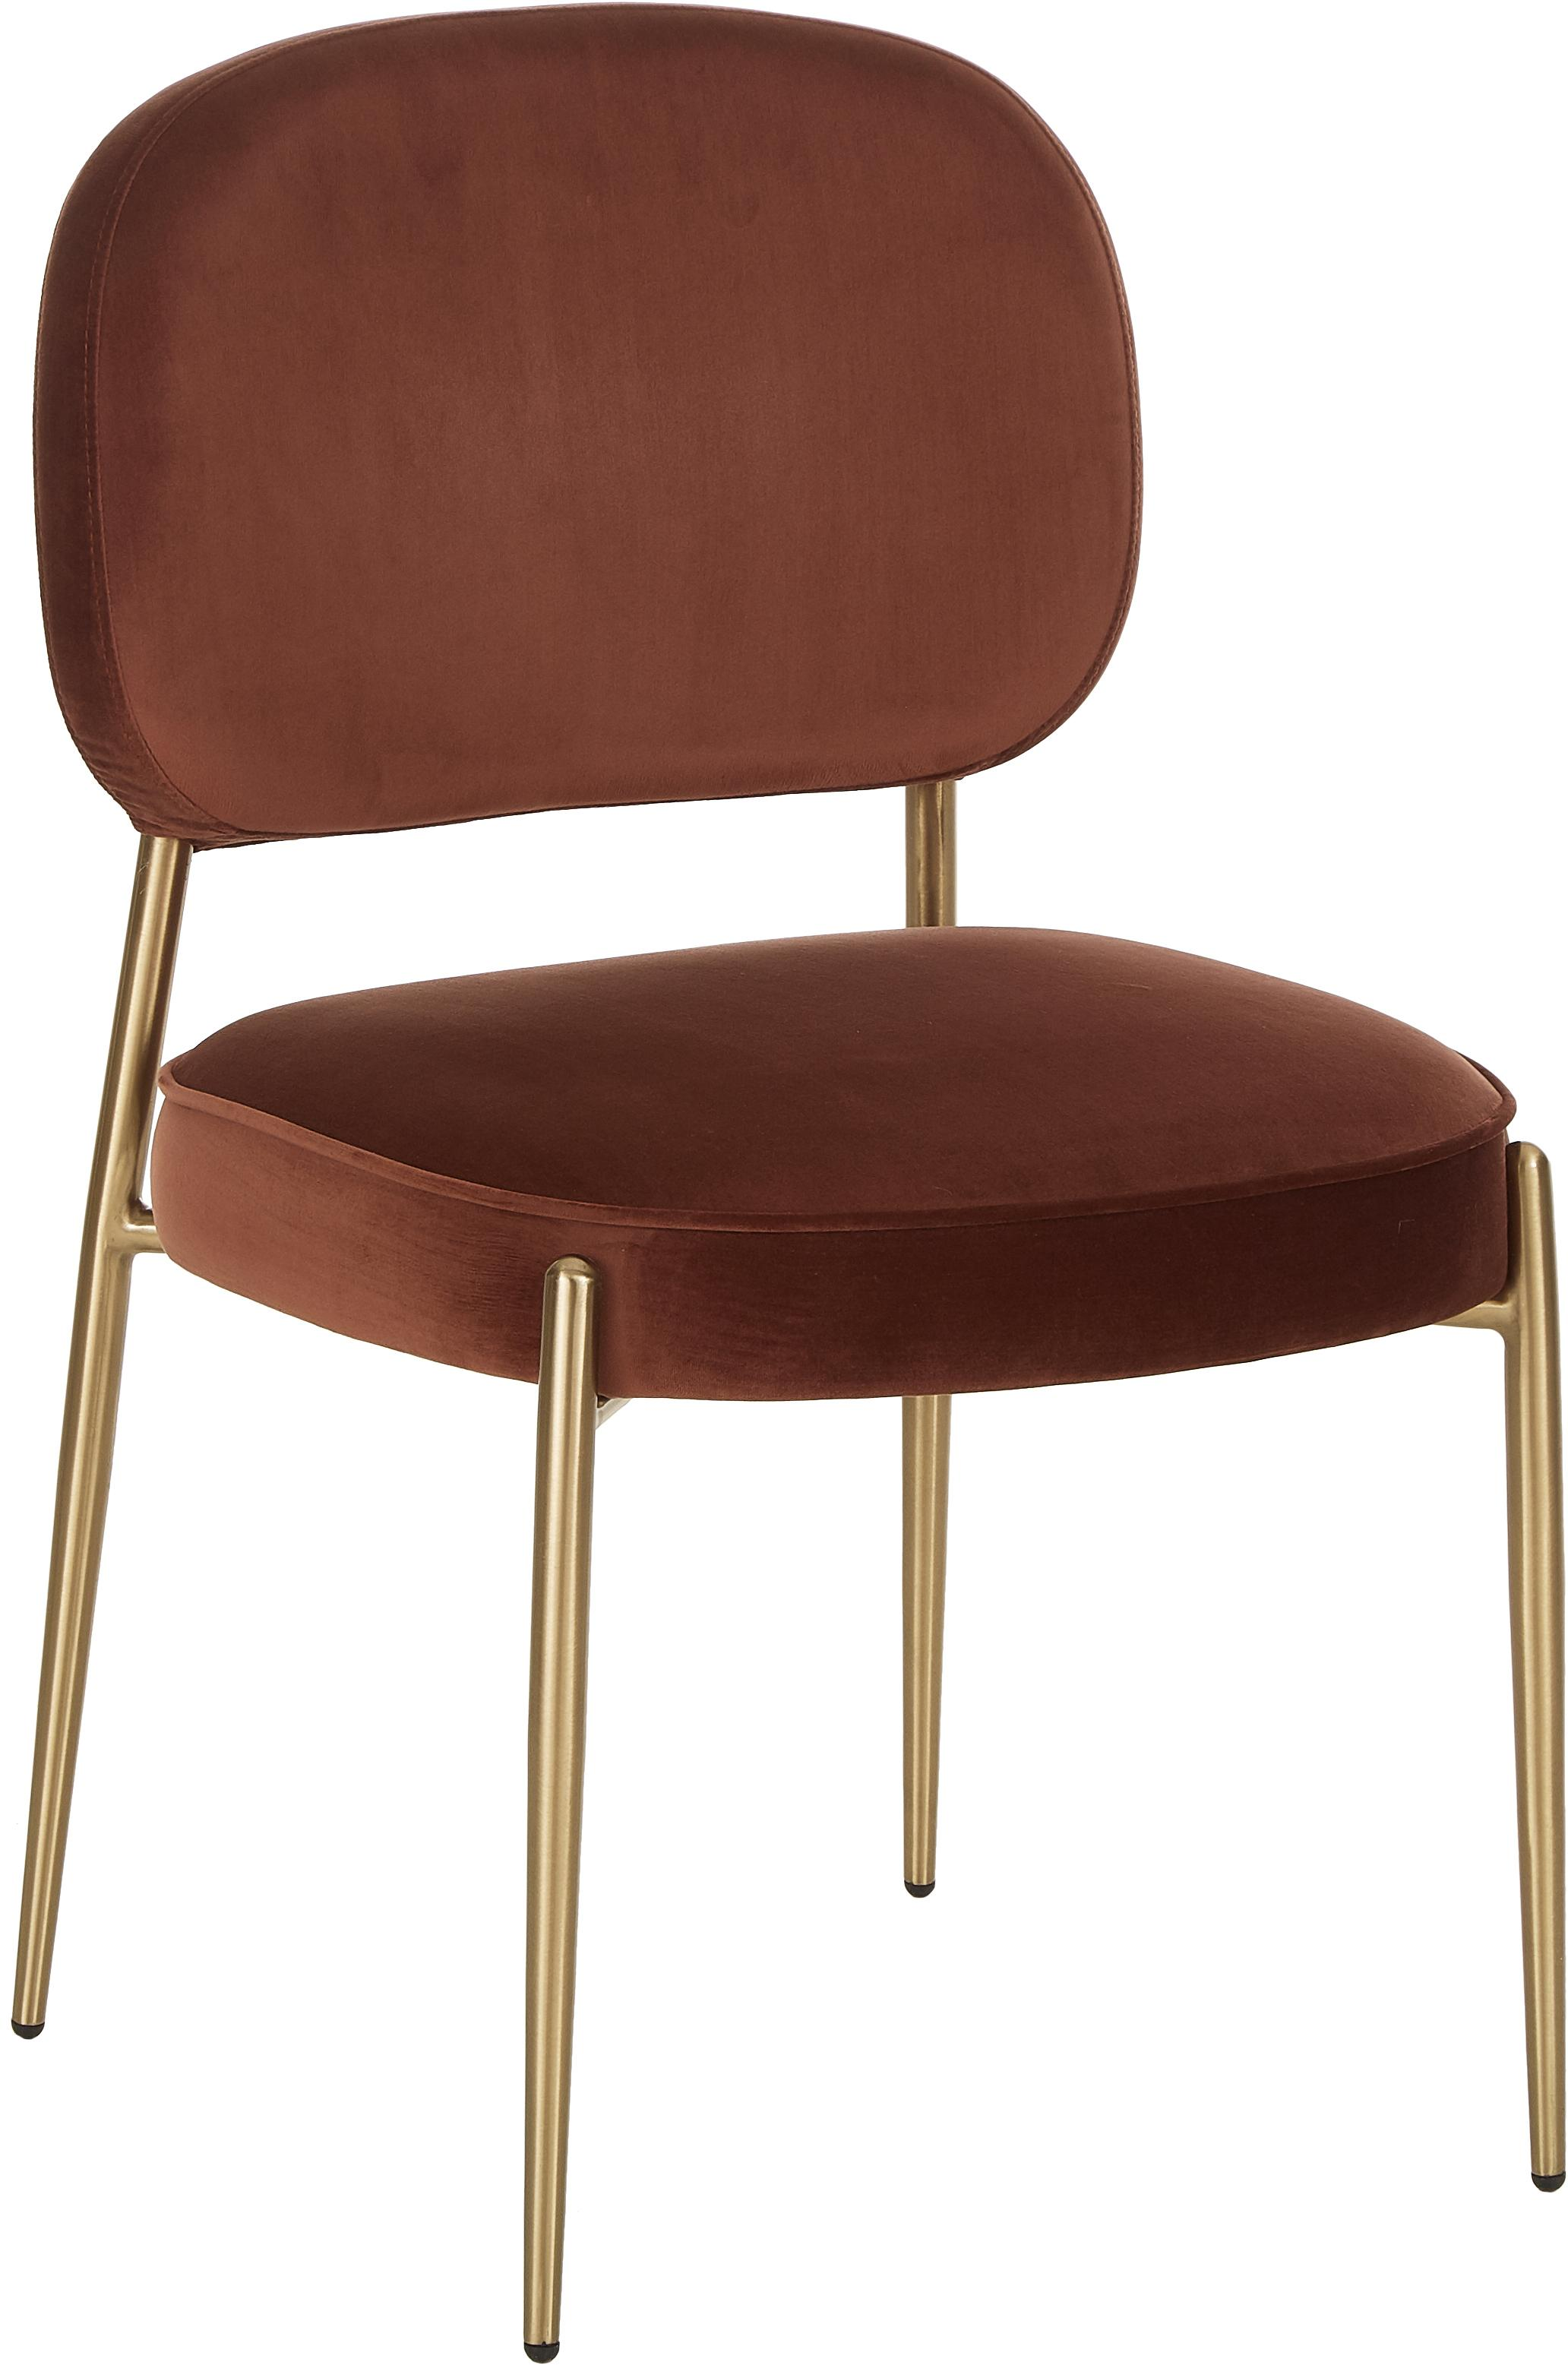 Fluwelen stoel Viggo, Bekleding: fluweel (polyester), Fluweel bruin, poten goudkleurig, B 49 x D 66 cm